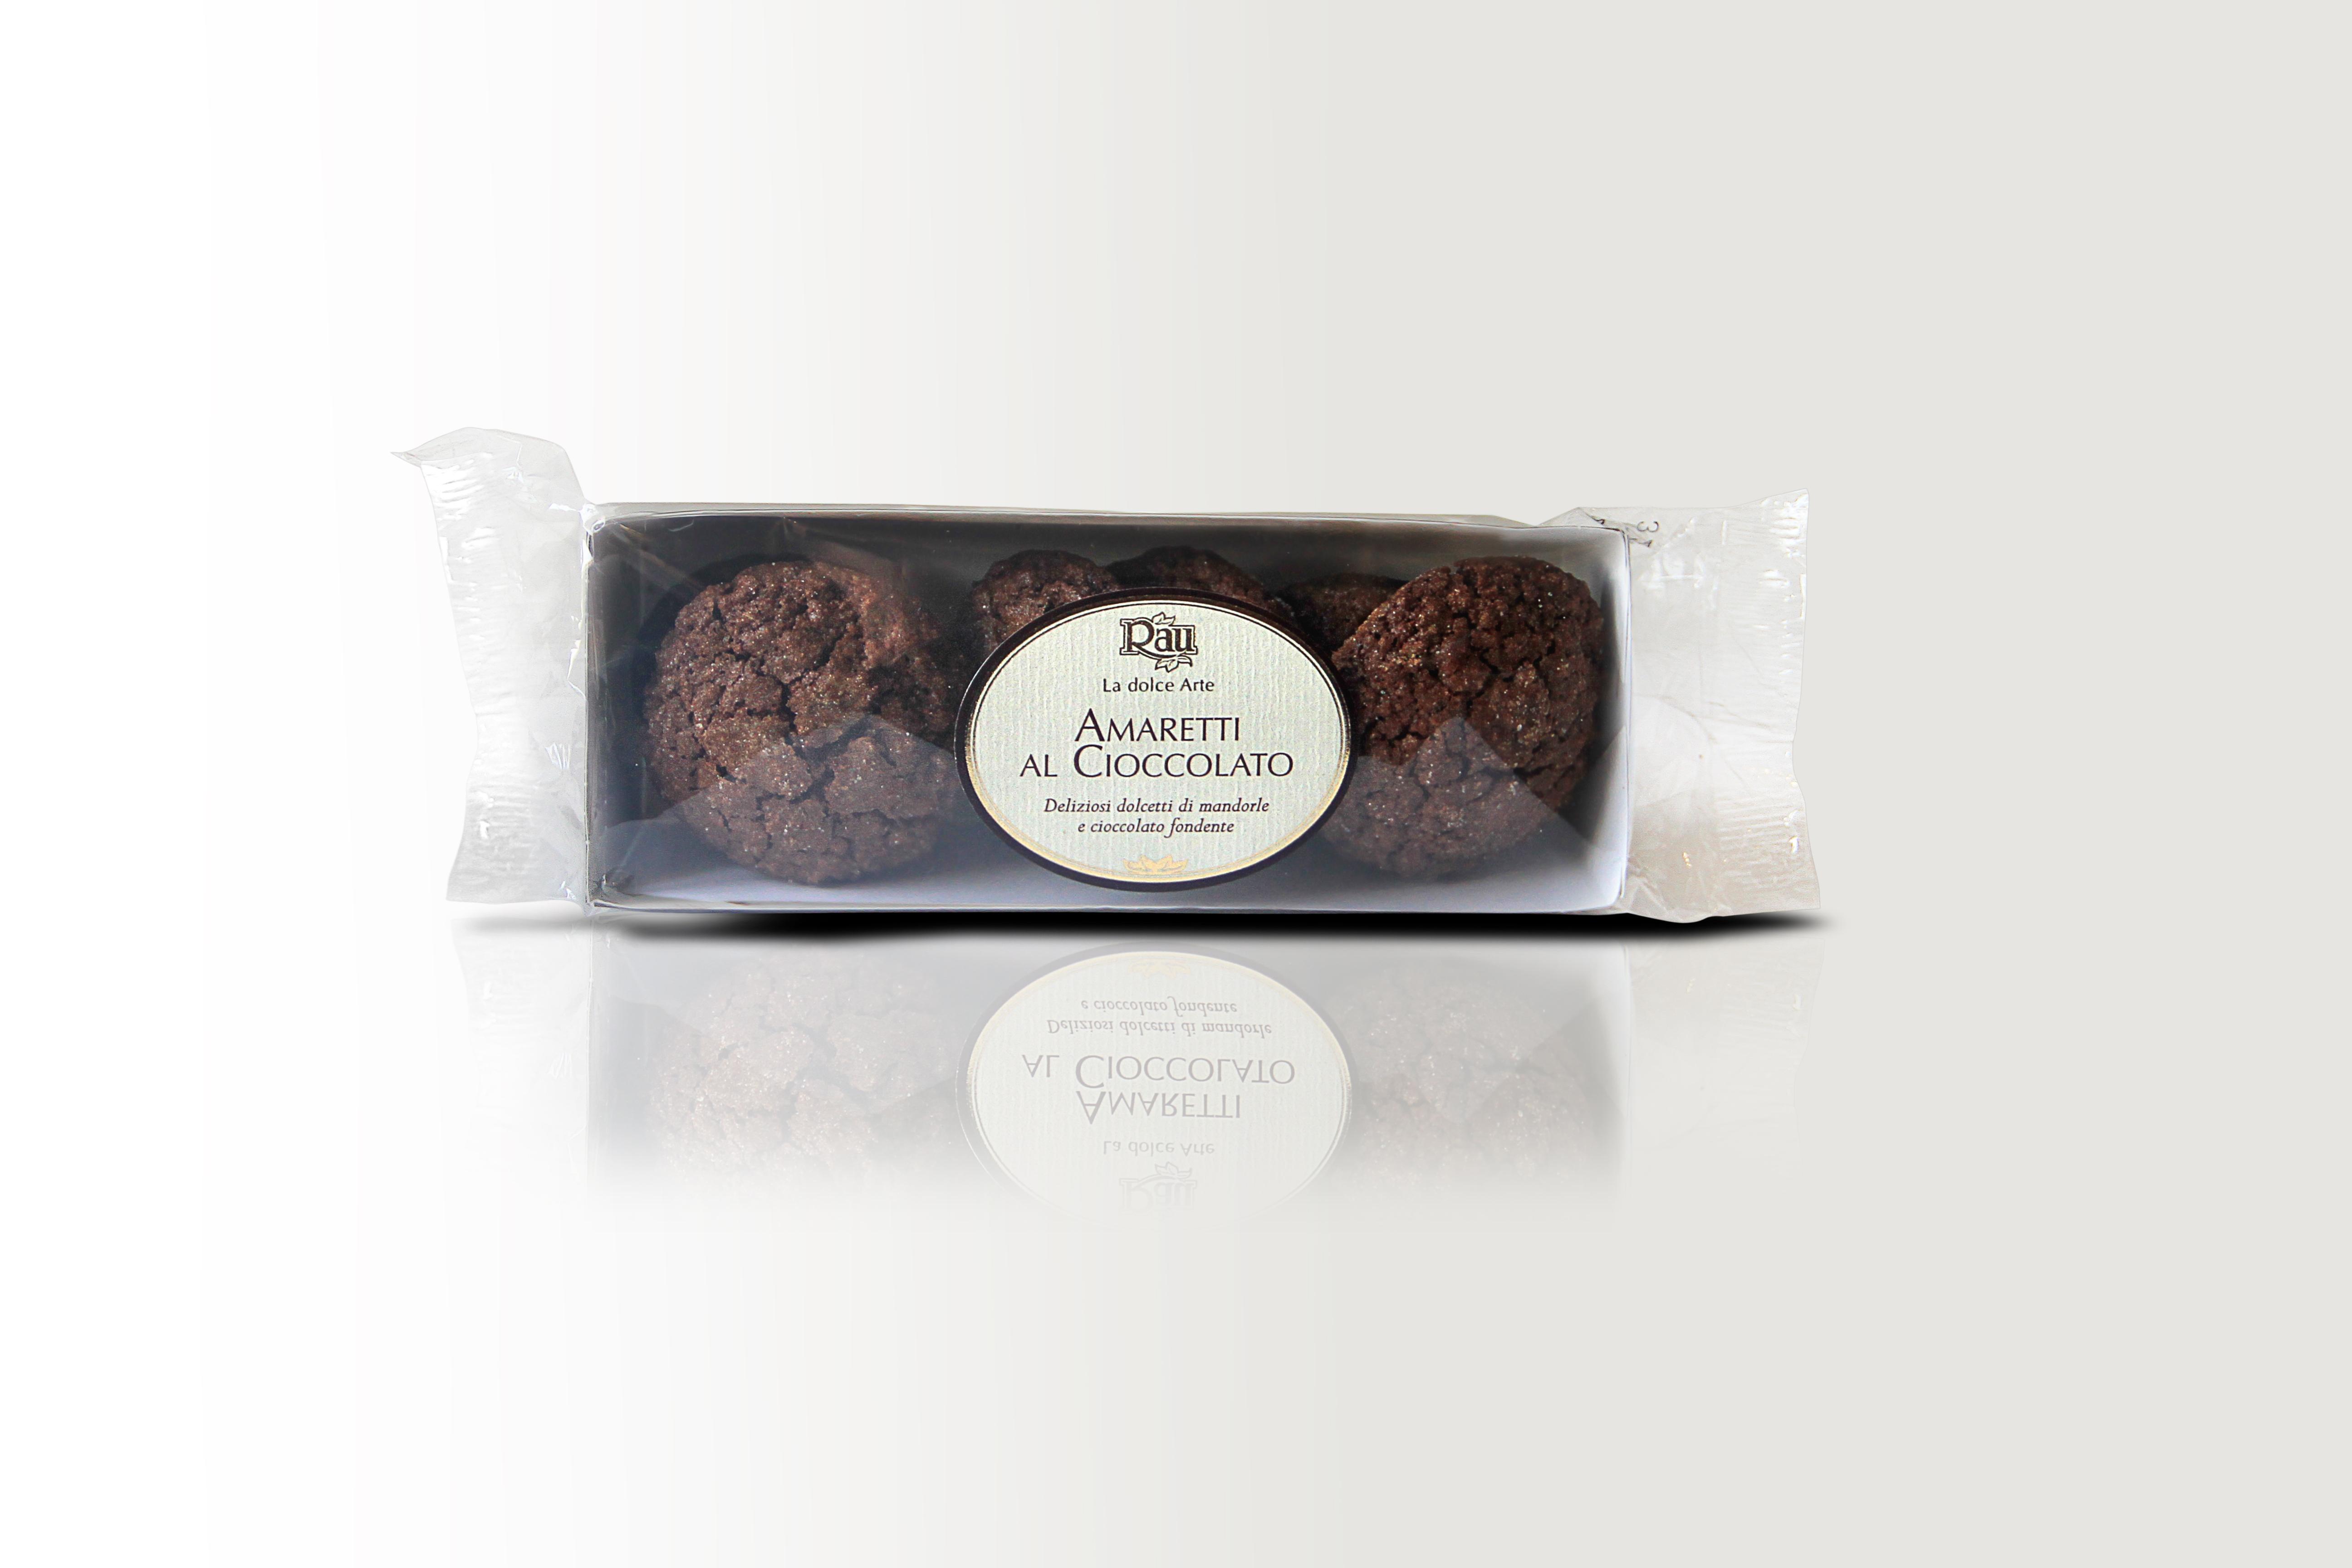 Amaretti-al-Cioccolato-2